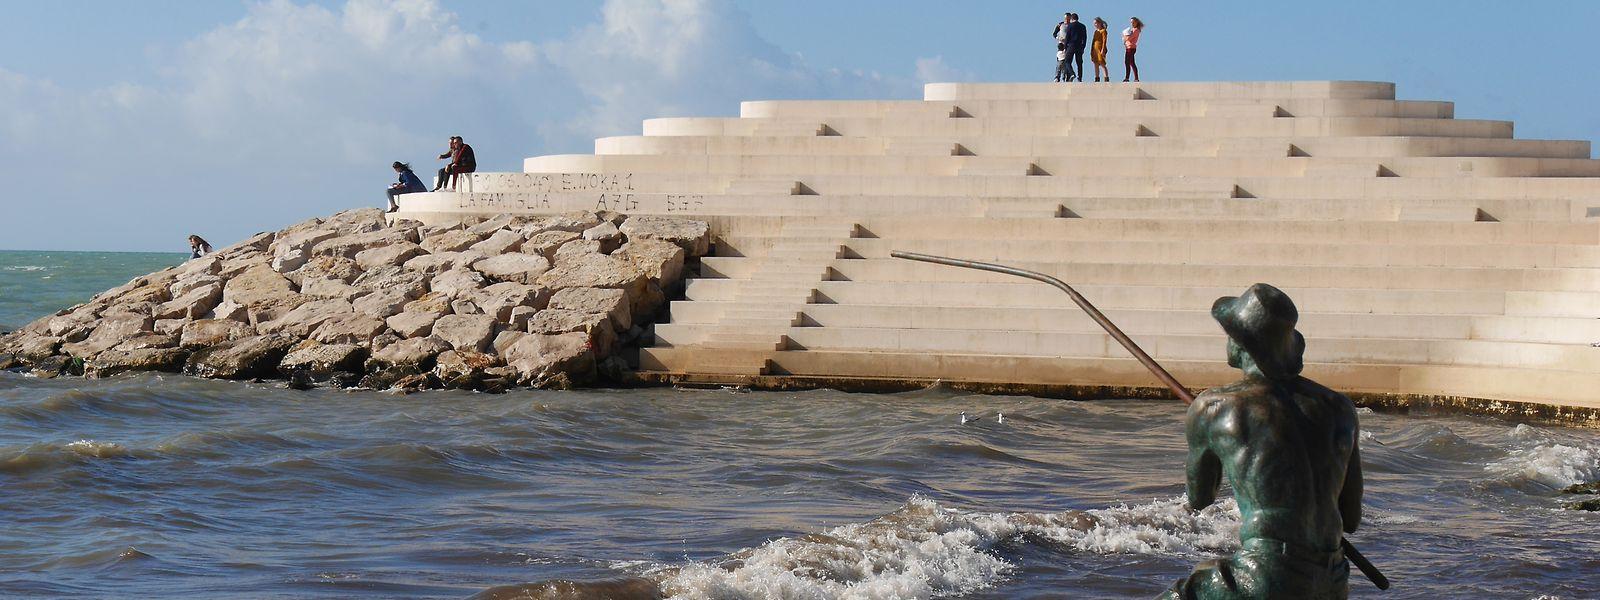 Noch ist es an der Uferpromenade in Durres (Albanien) ruhig. Das soll sich mit dem Ausbau der touristischen Infrastruktur demnächst ändern.